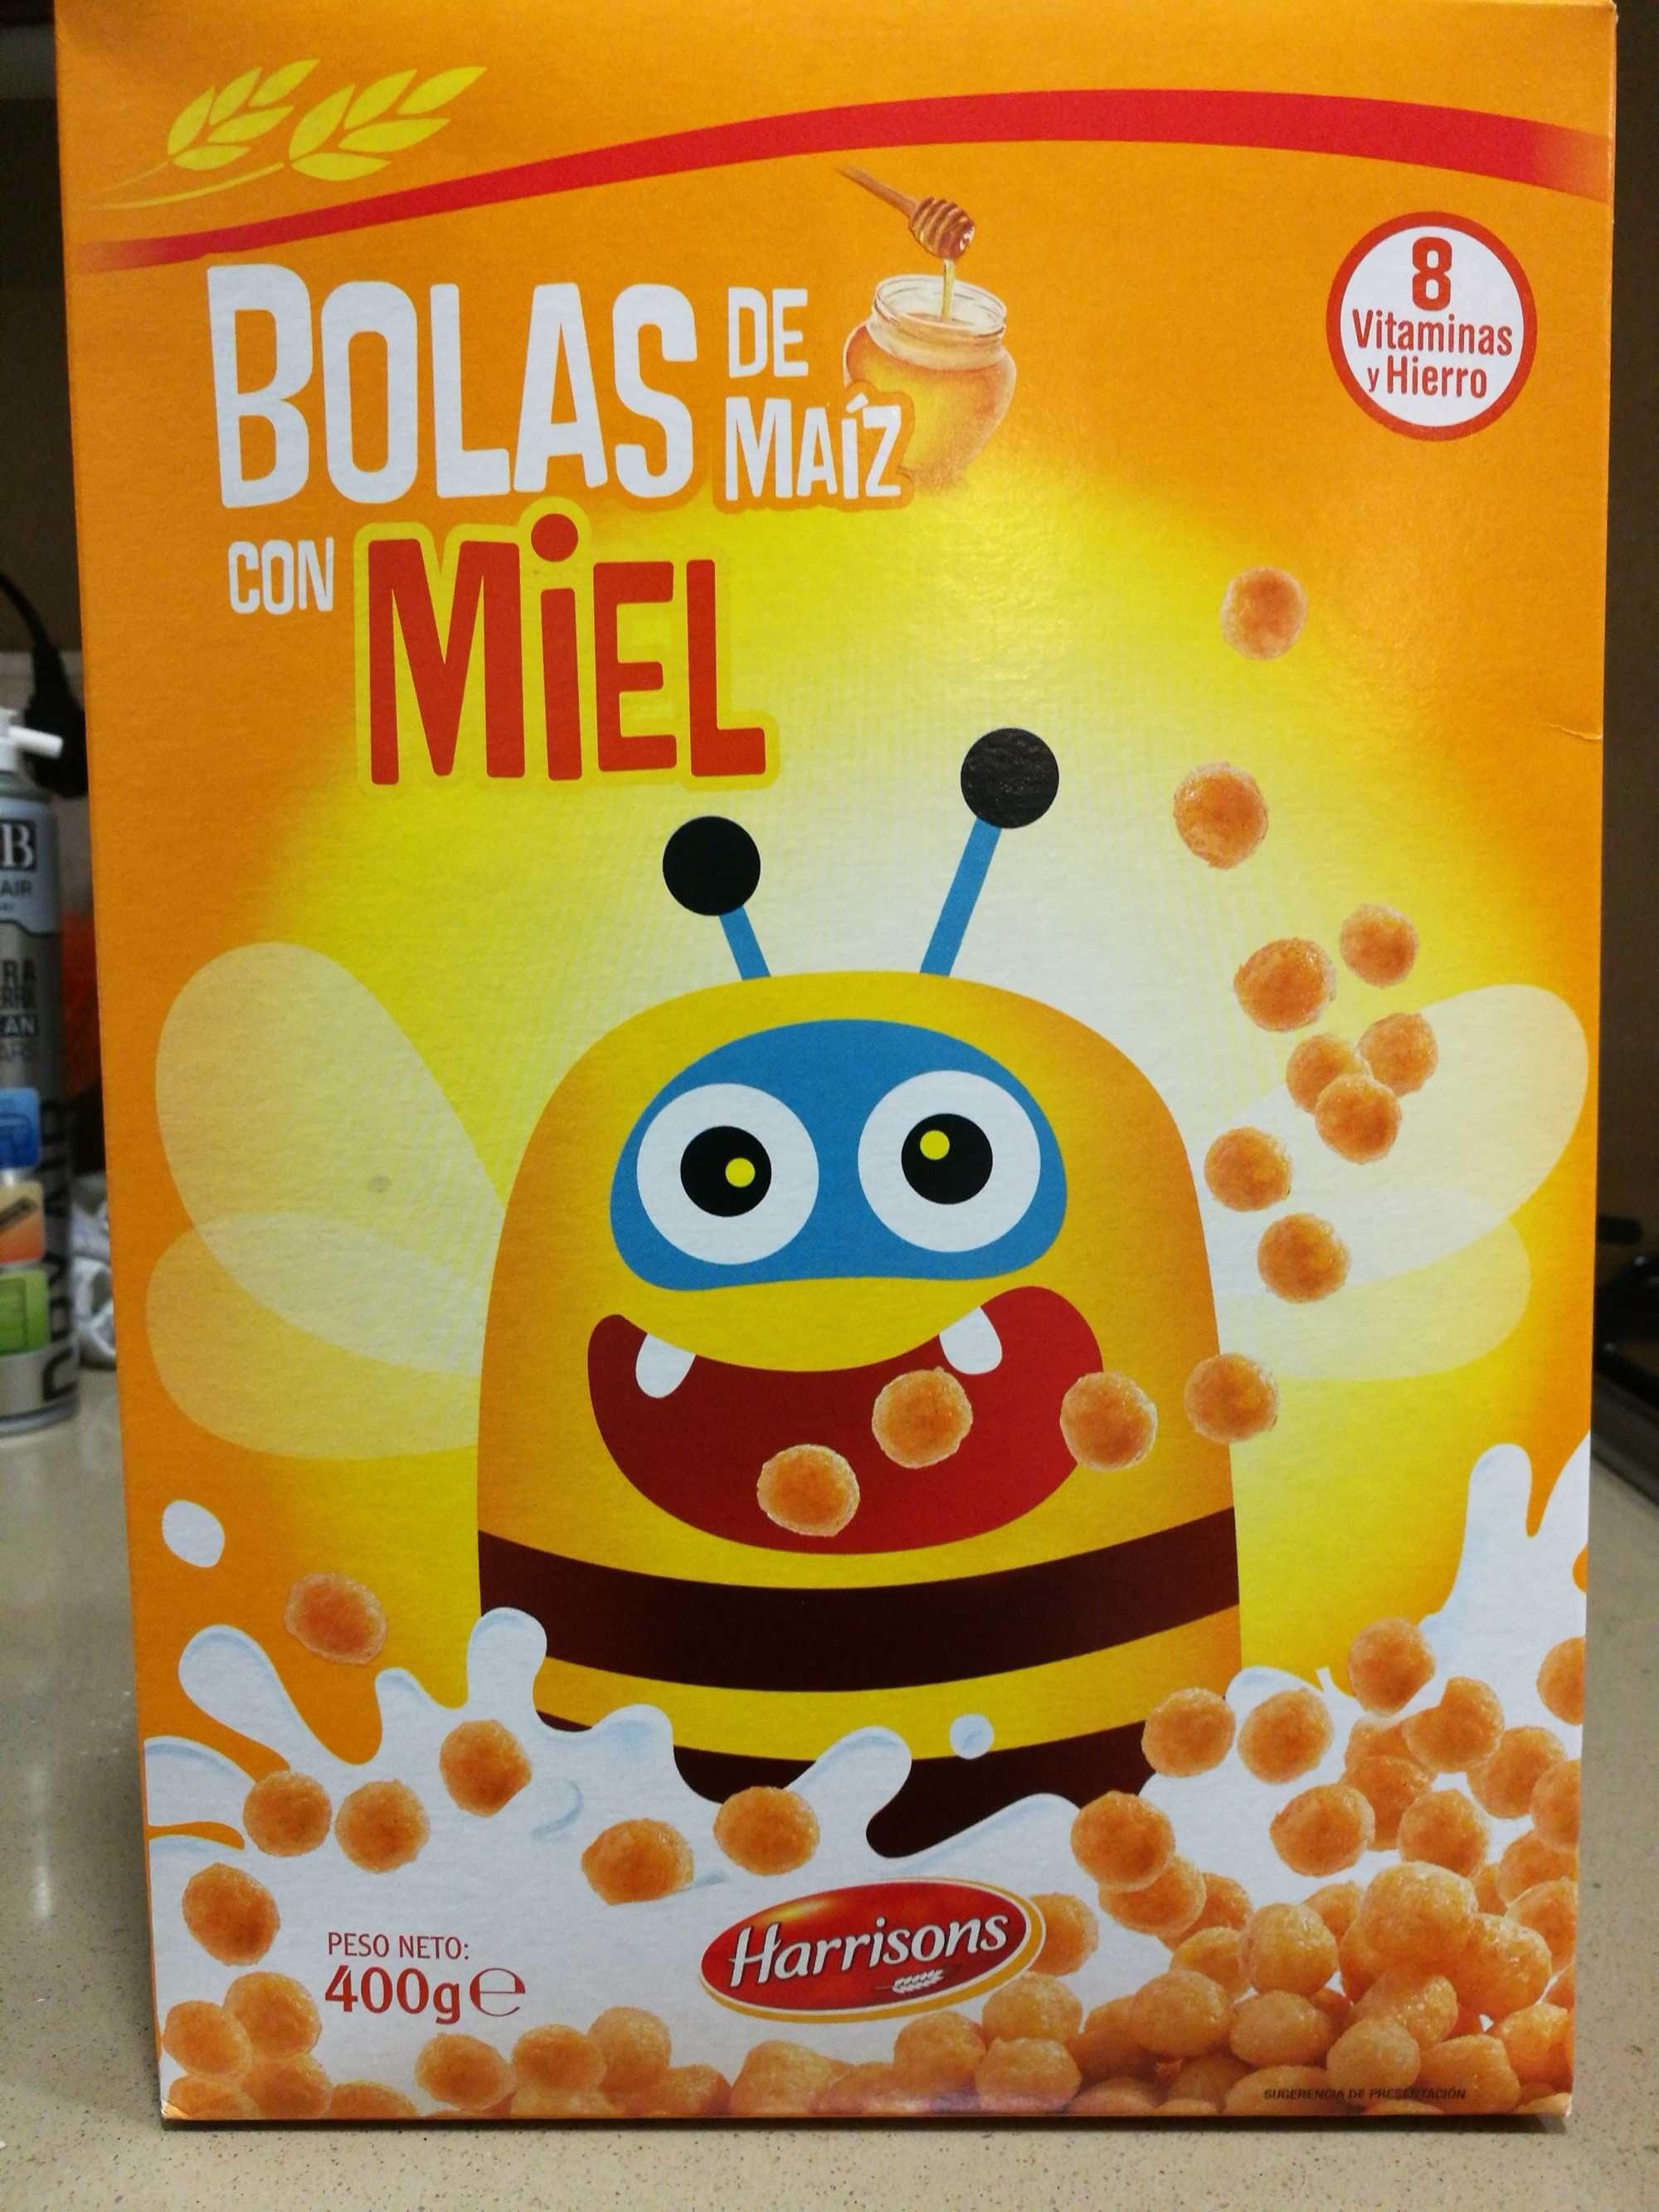 Bolas de maíz con miel - Producto - es